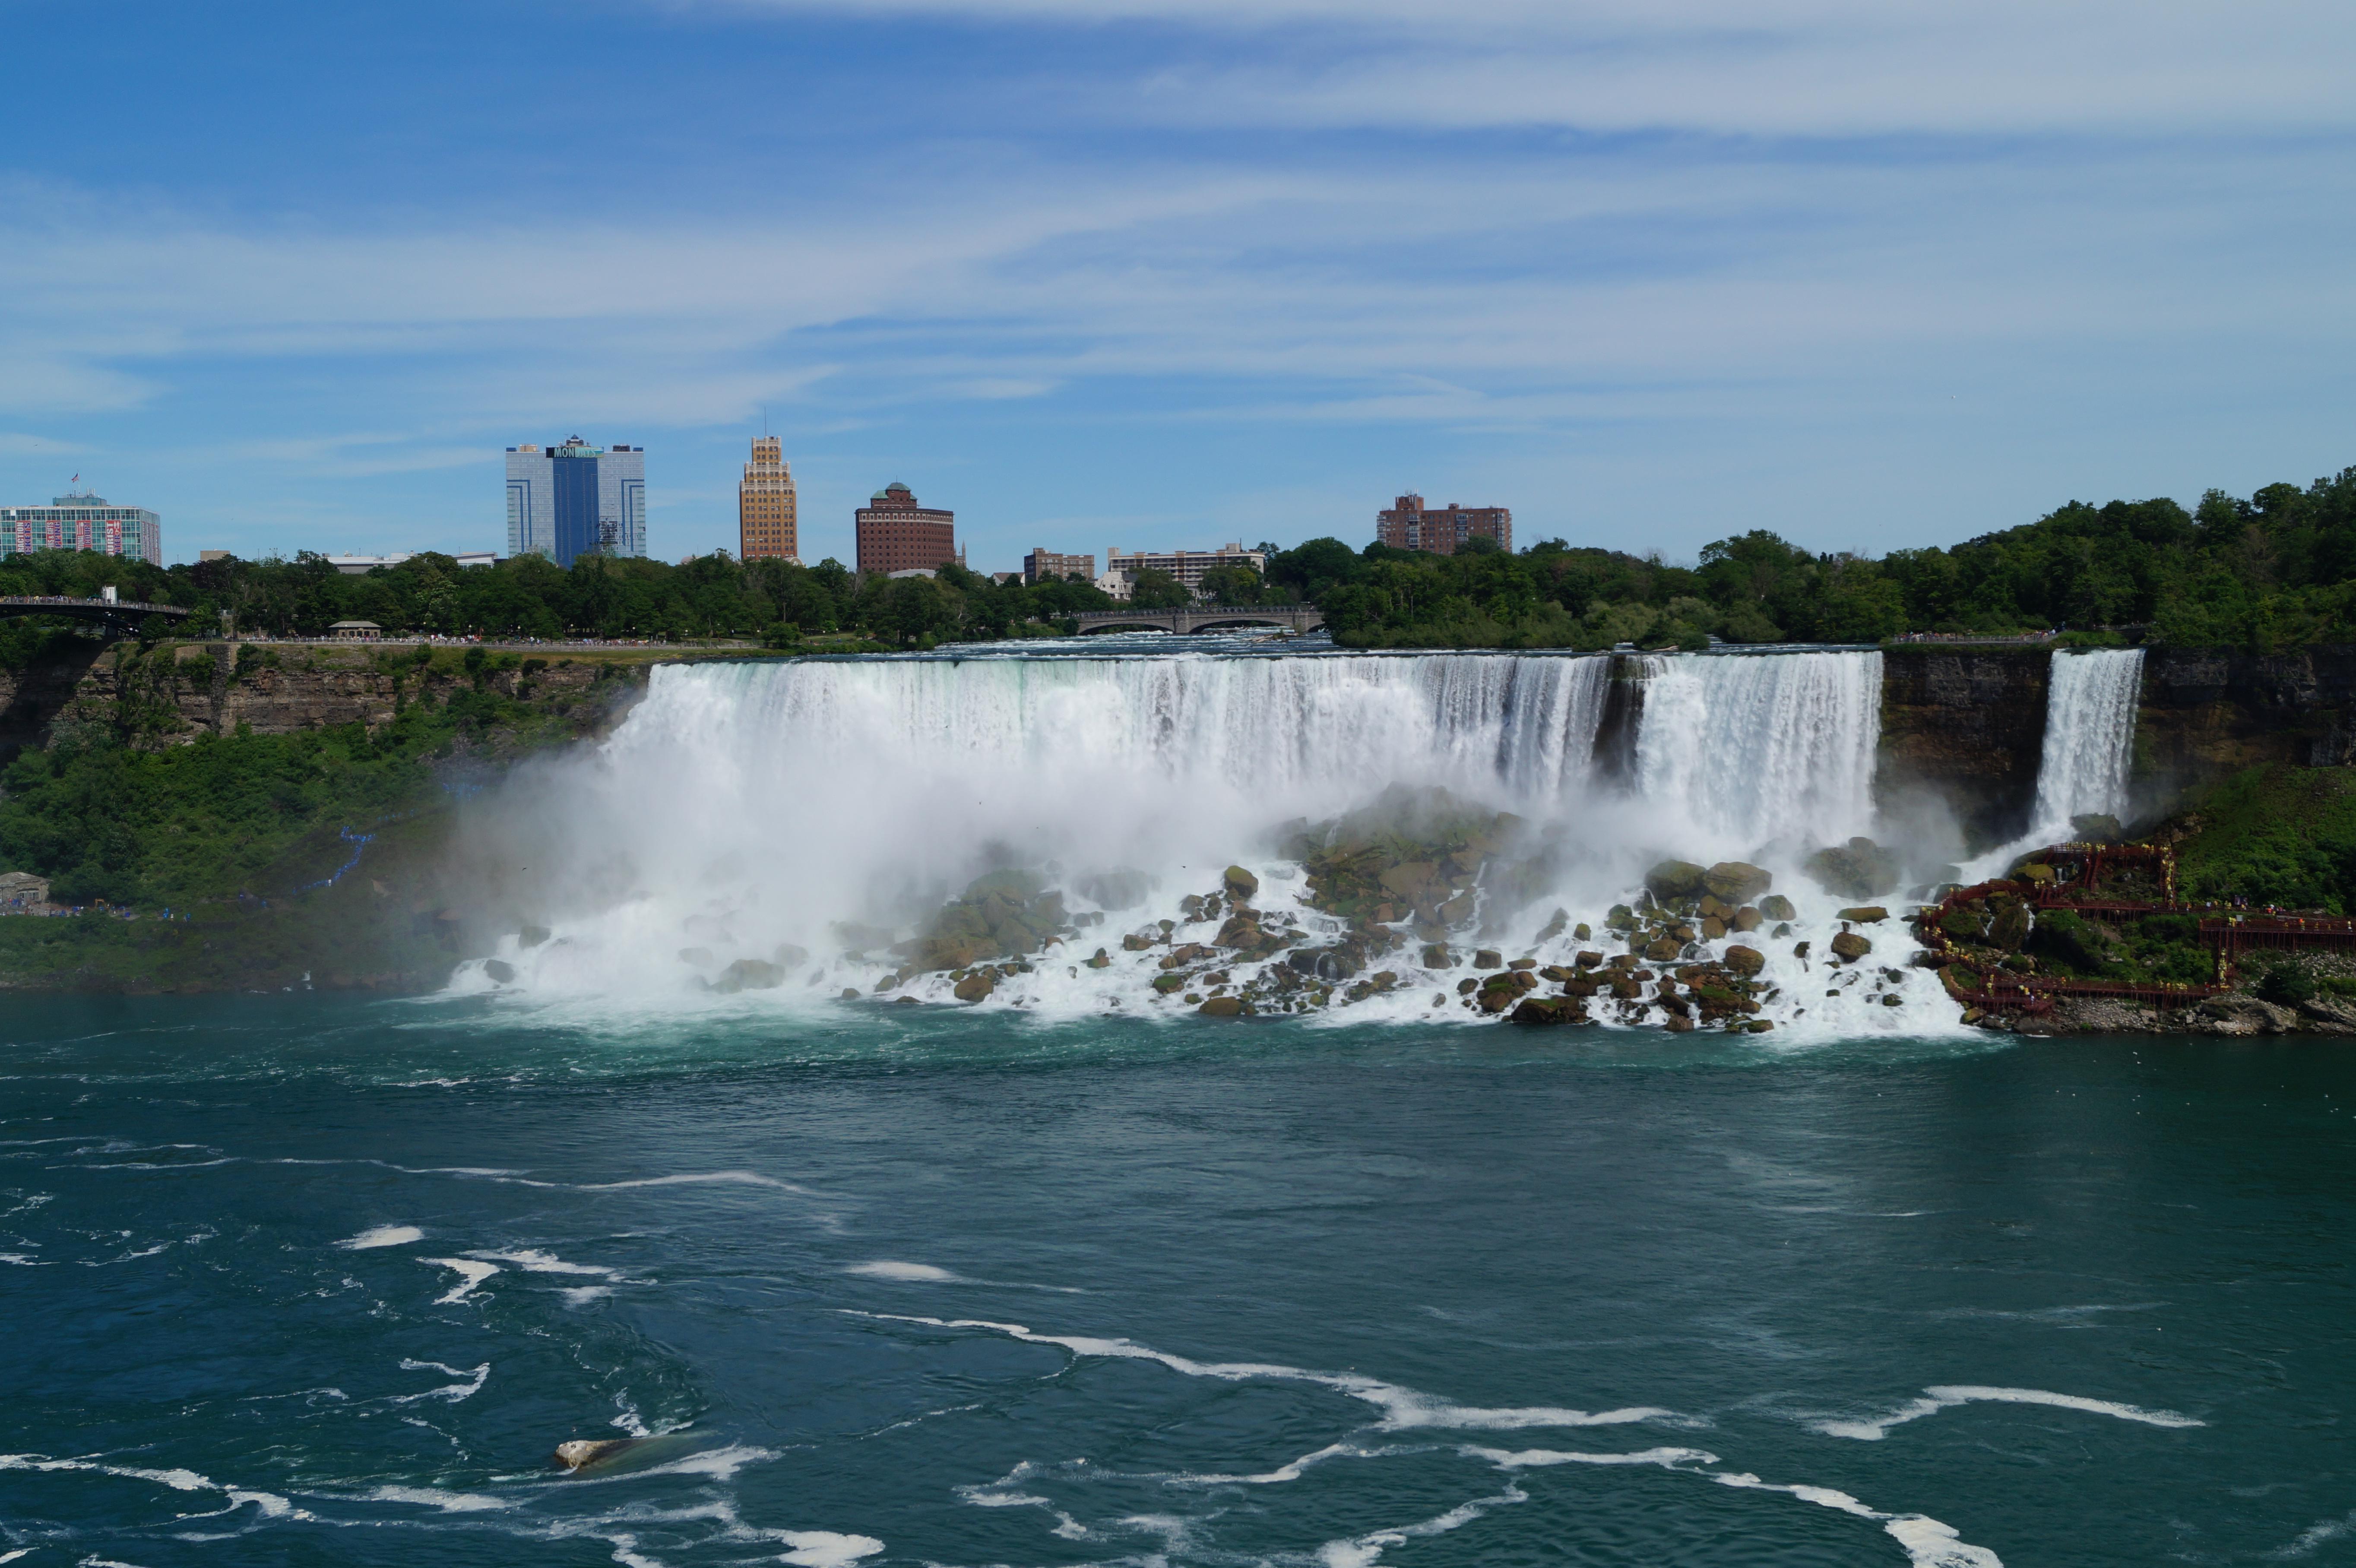 Der Blick von Kanada auf die amerikanische Seite der Niagara Fälle ist wirklich beeindruckend